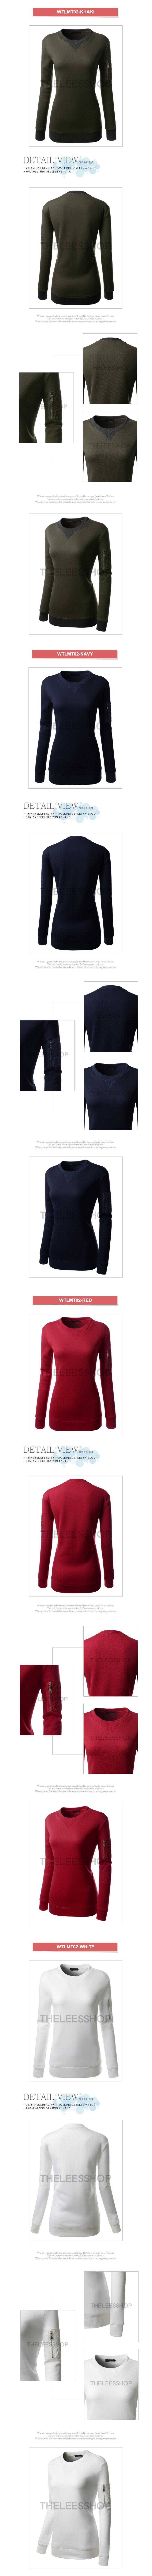 [ KOOLLOOK ] [KoolLook] Unisex Crew Neck Ultralight Fur Sweatshirt WTLMT02